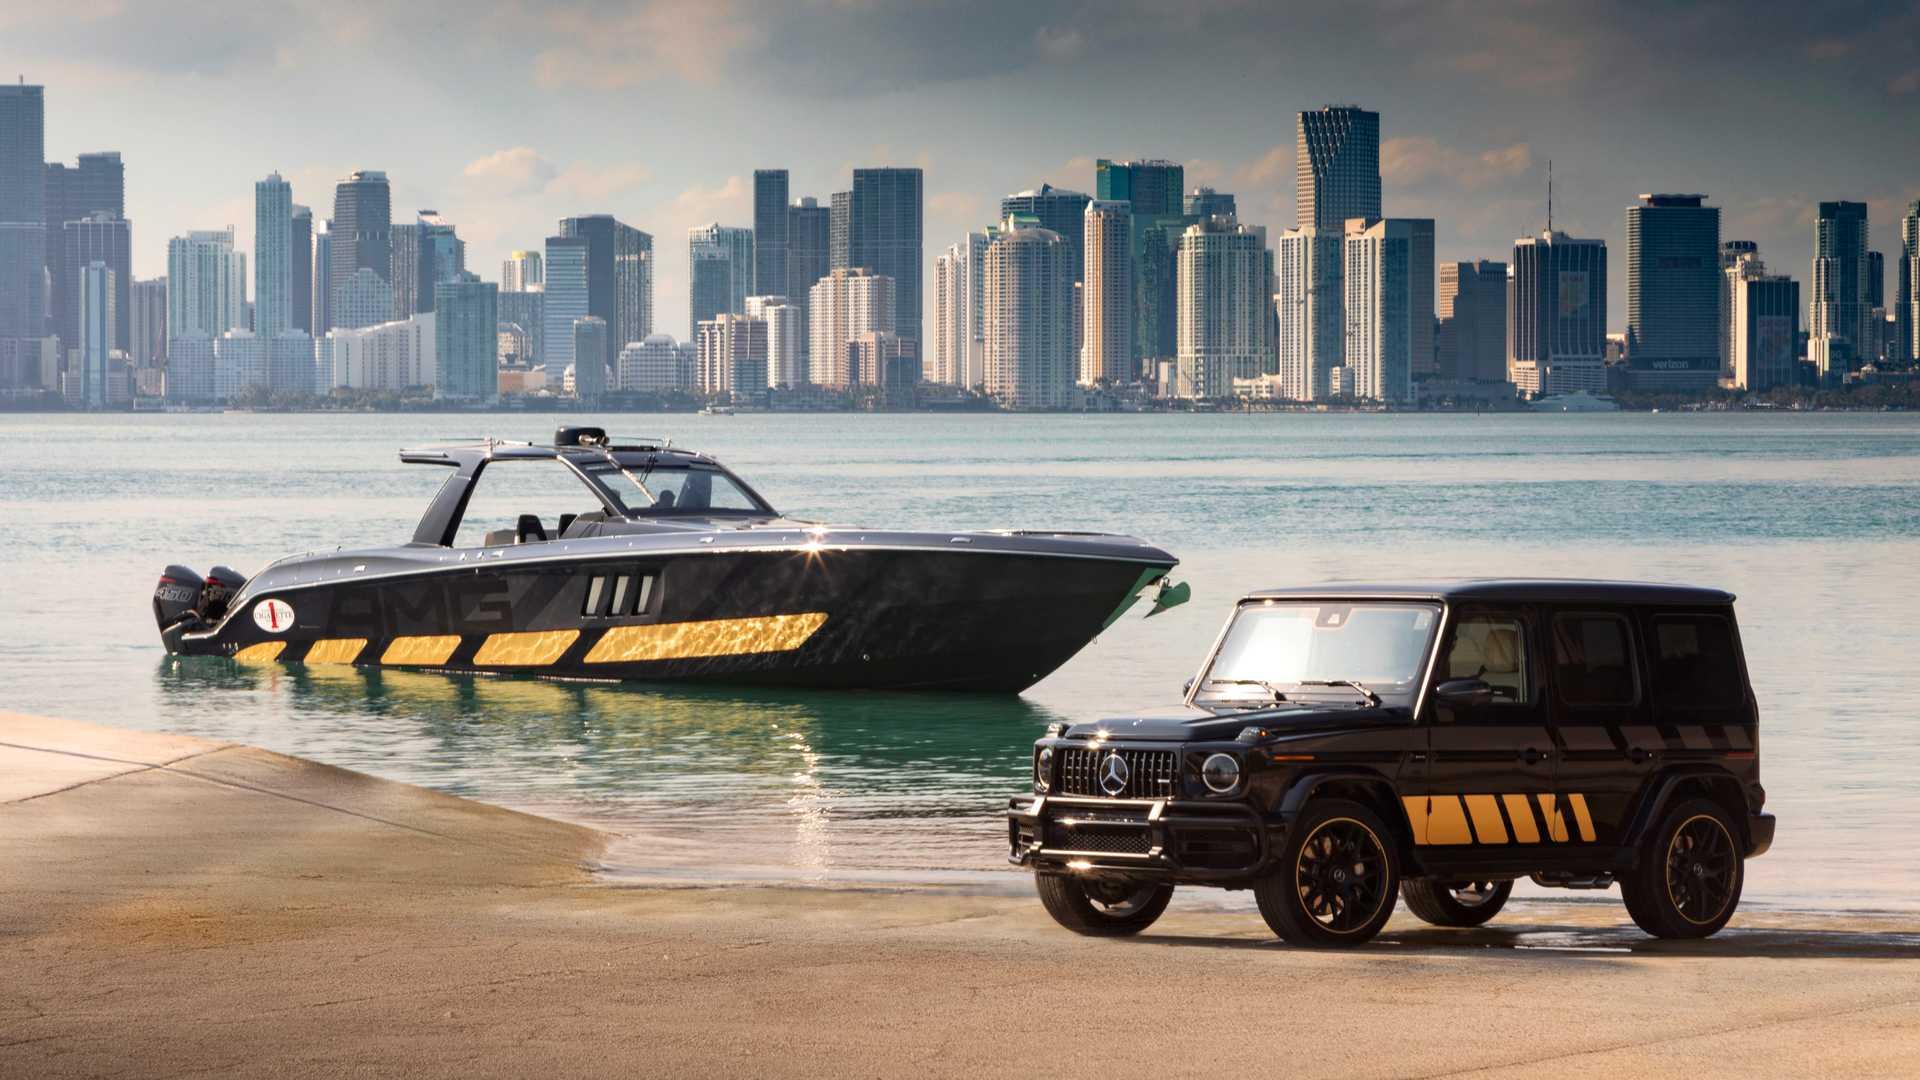 Знаменитый бренд Mercedes-AMG представил новый 2700-сильный скоростной катер на яхтенной выставке Boat Show в Майами